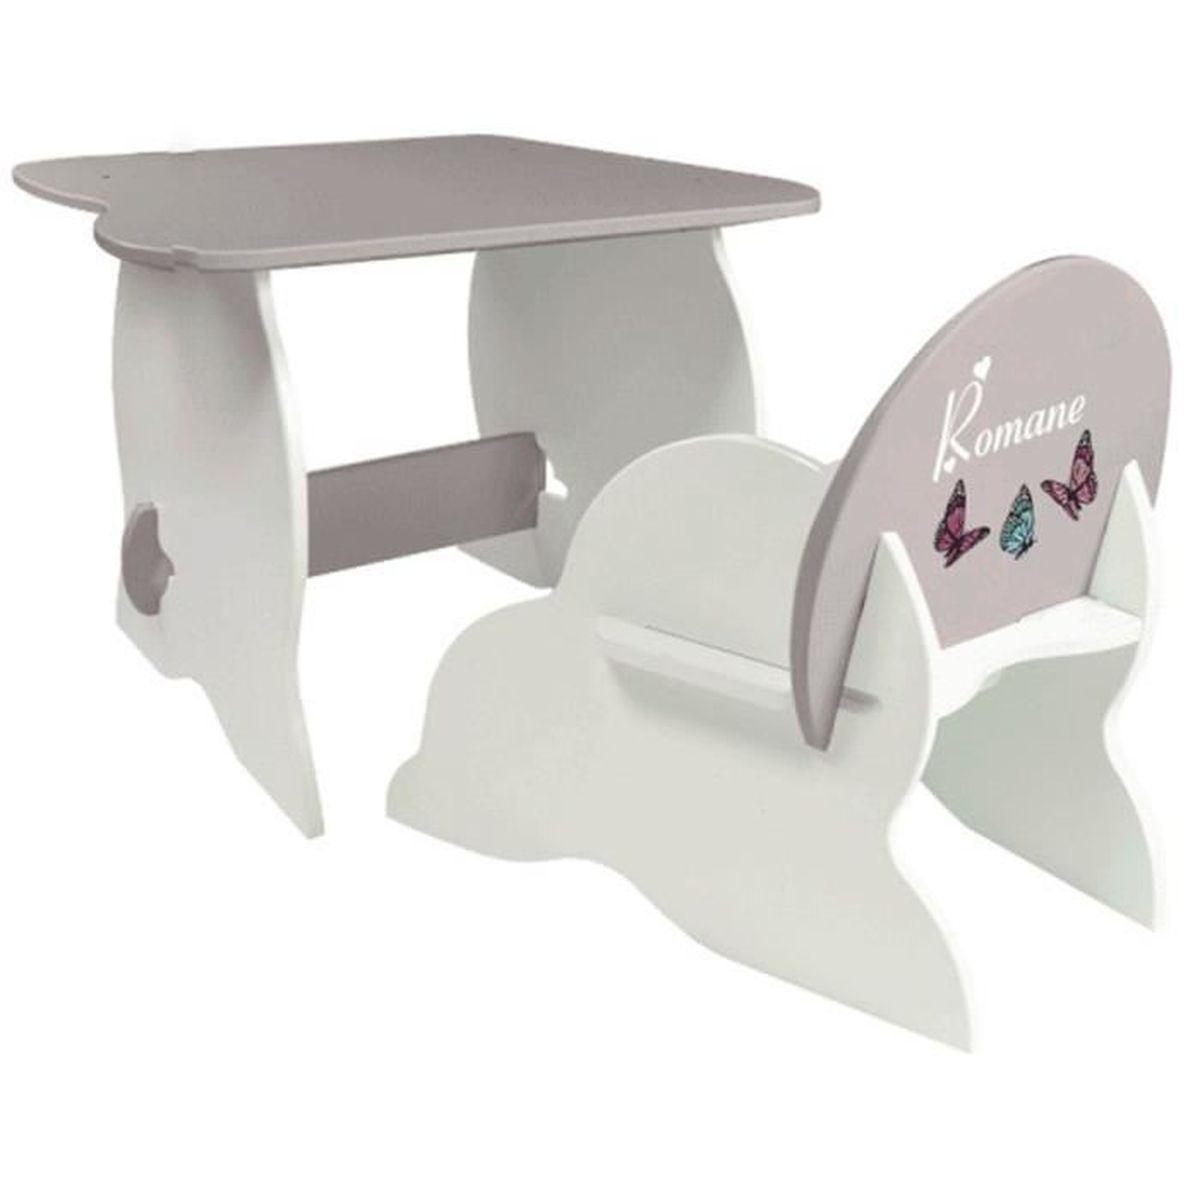 ensemble mon premier fauteuil et bureau en mdf coloris blanc taupe blanc achat vente. Black Bedroom Furniture Sets. Home Design Ideas